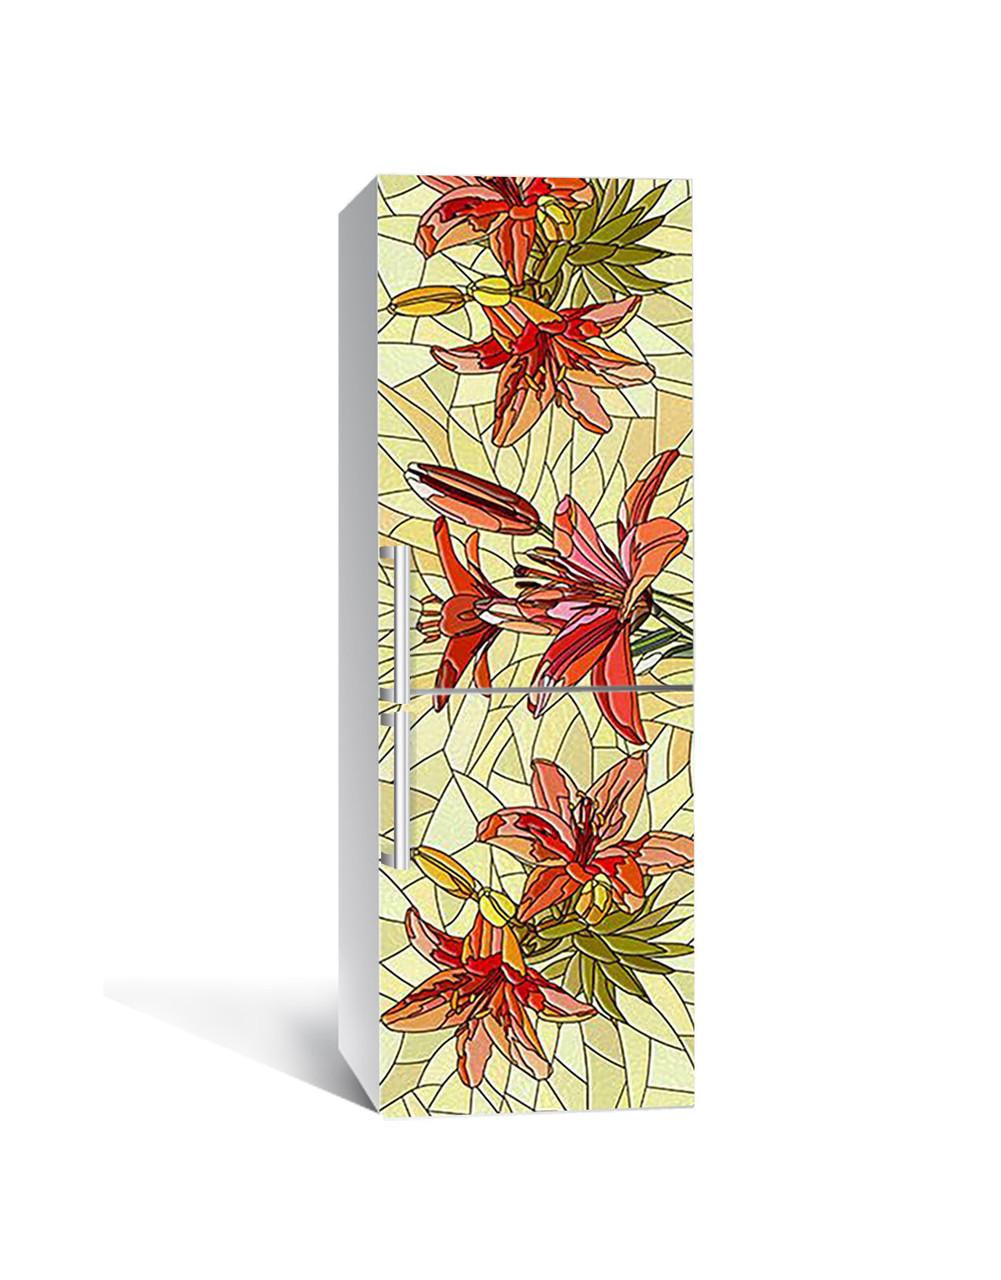 Виниловая 3Д наклейка на холодильник Витраж Лилии (ПВХ пленка самоклеющаяся) текстура Цветы Красный 650*2000 мм